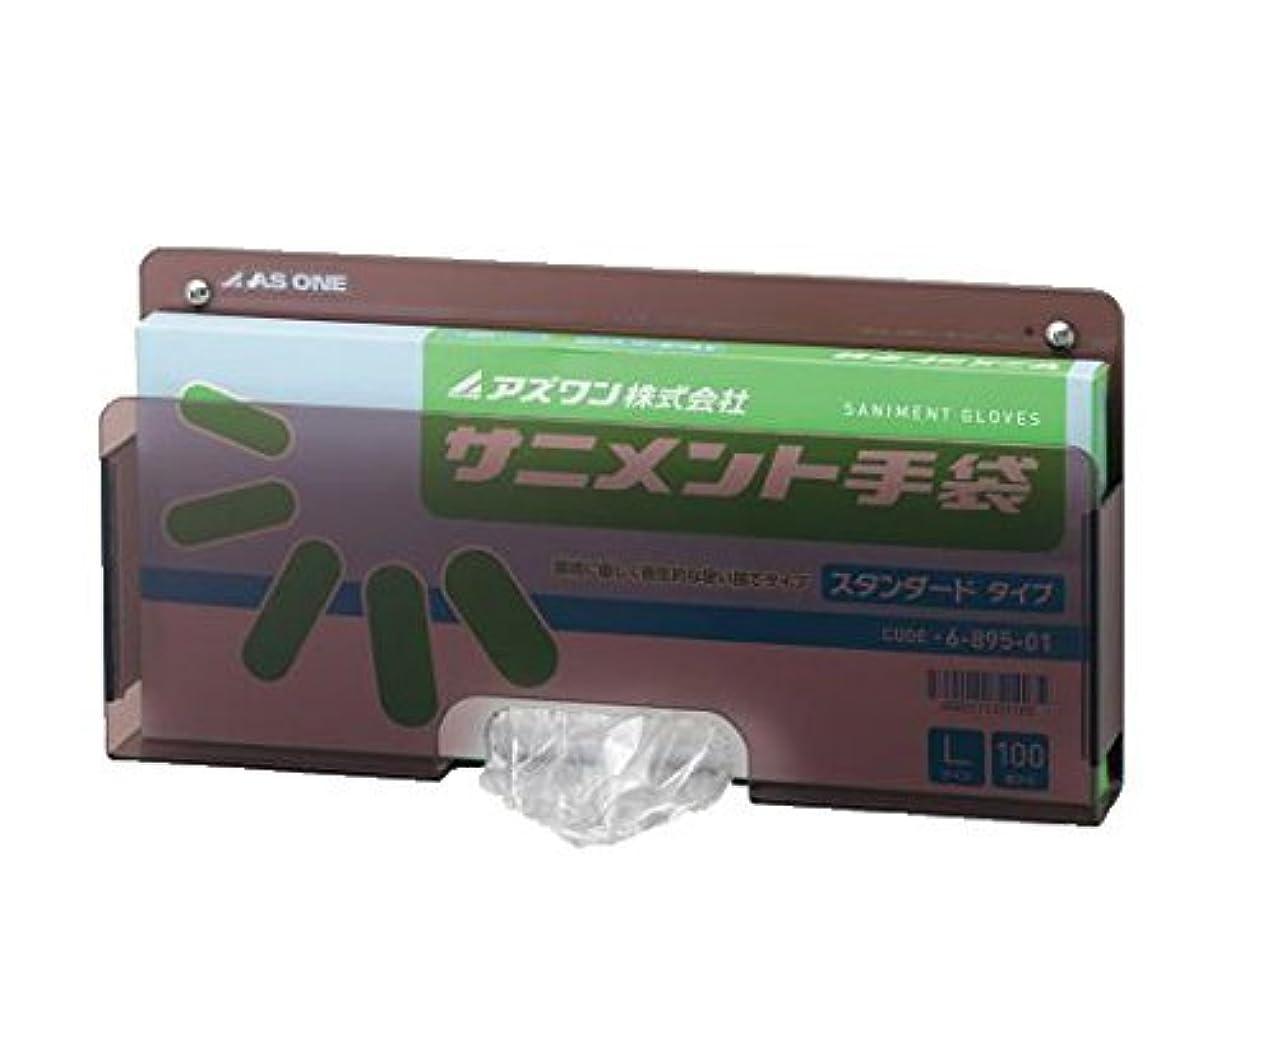 ビデオ海藻進行中アズワン8-5369-01サニメント手袋用ケーススタンダード用